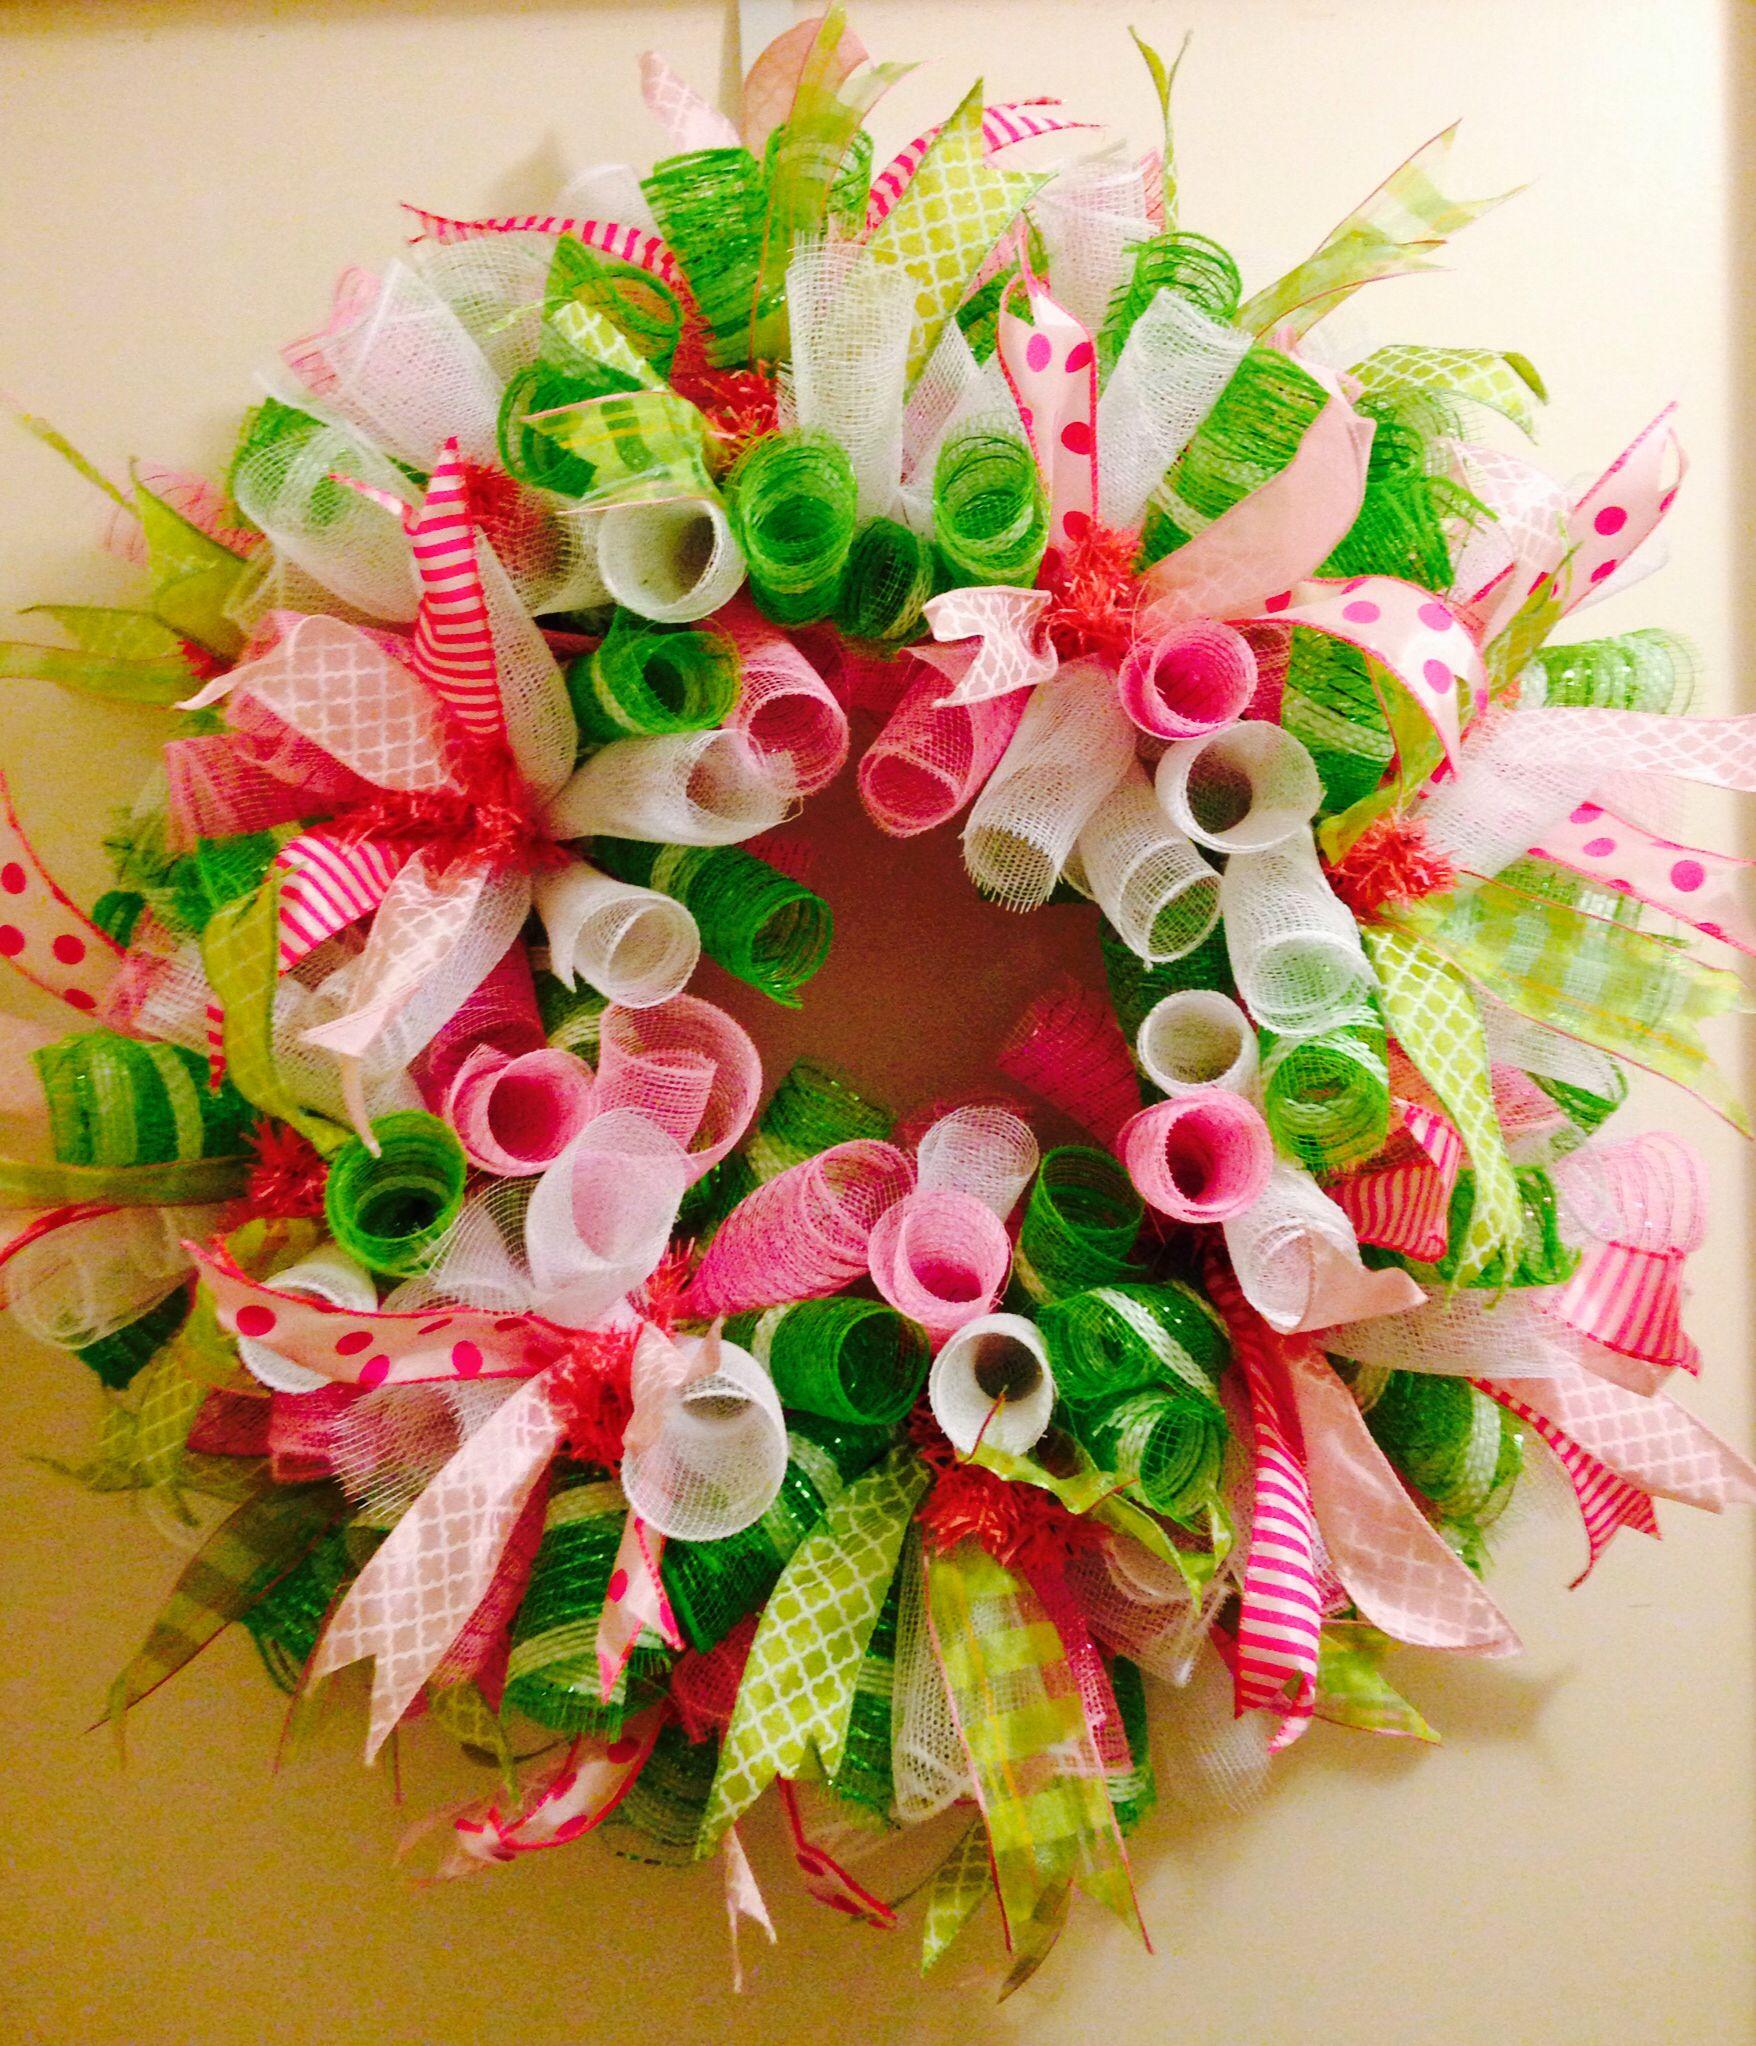 Springtime curly q deco mesh wreath!